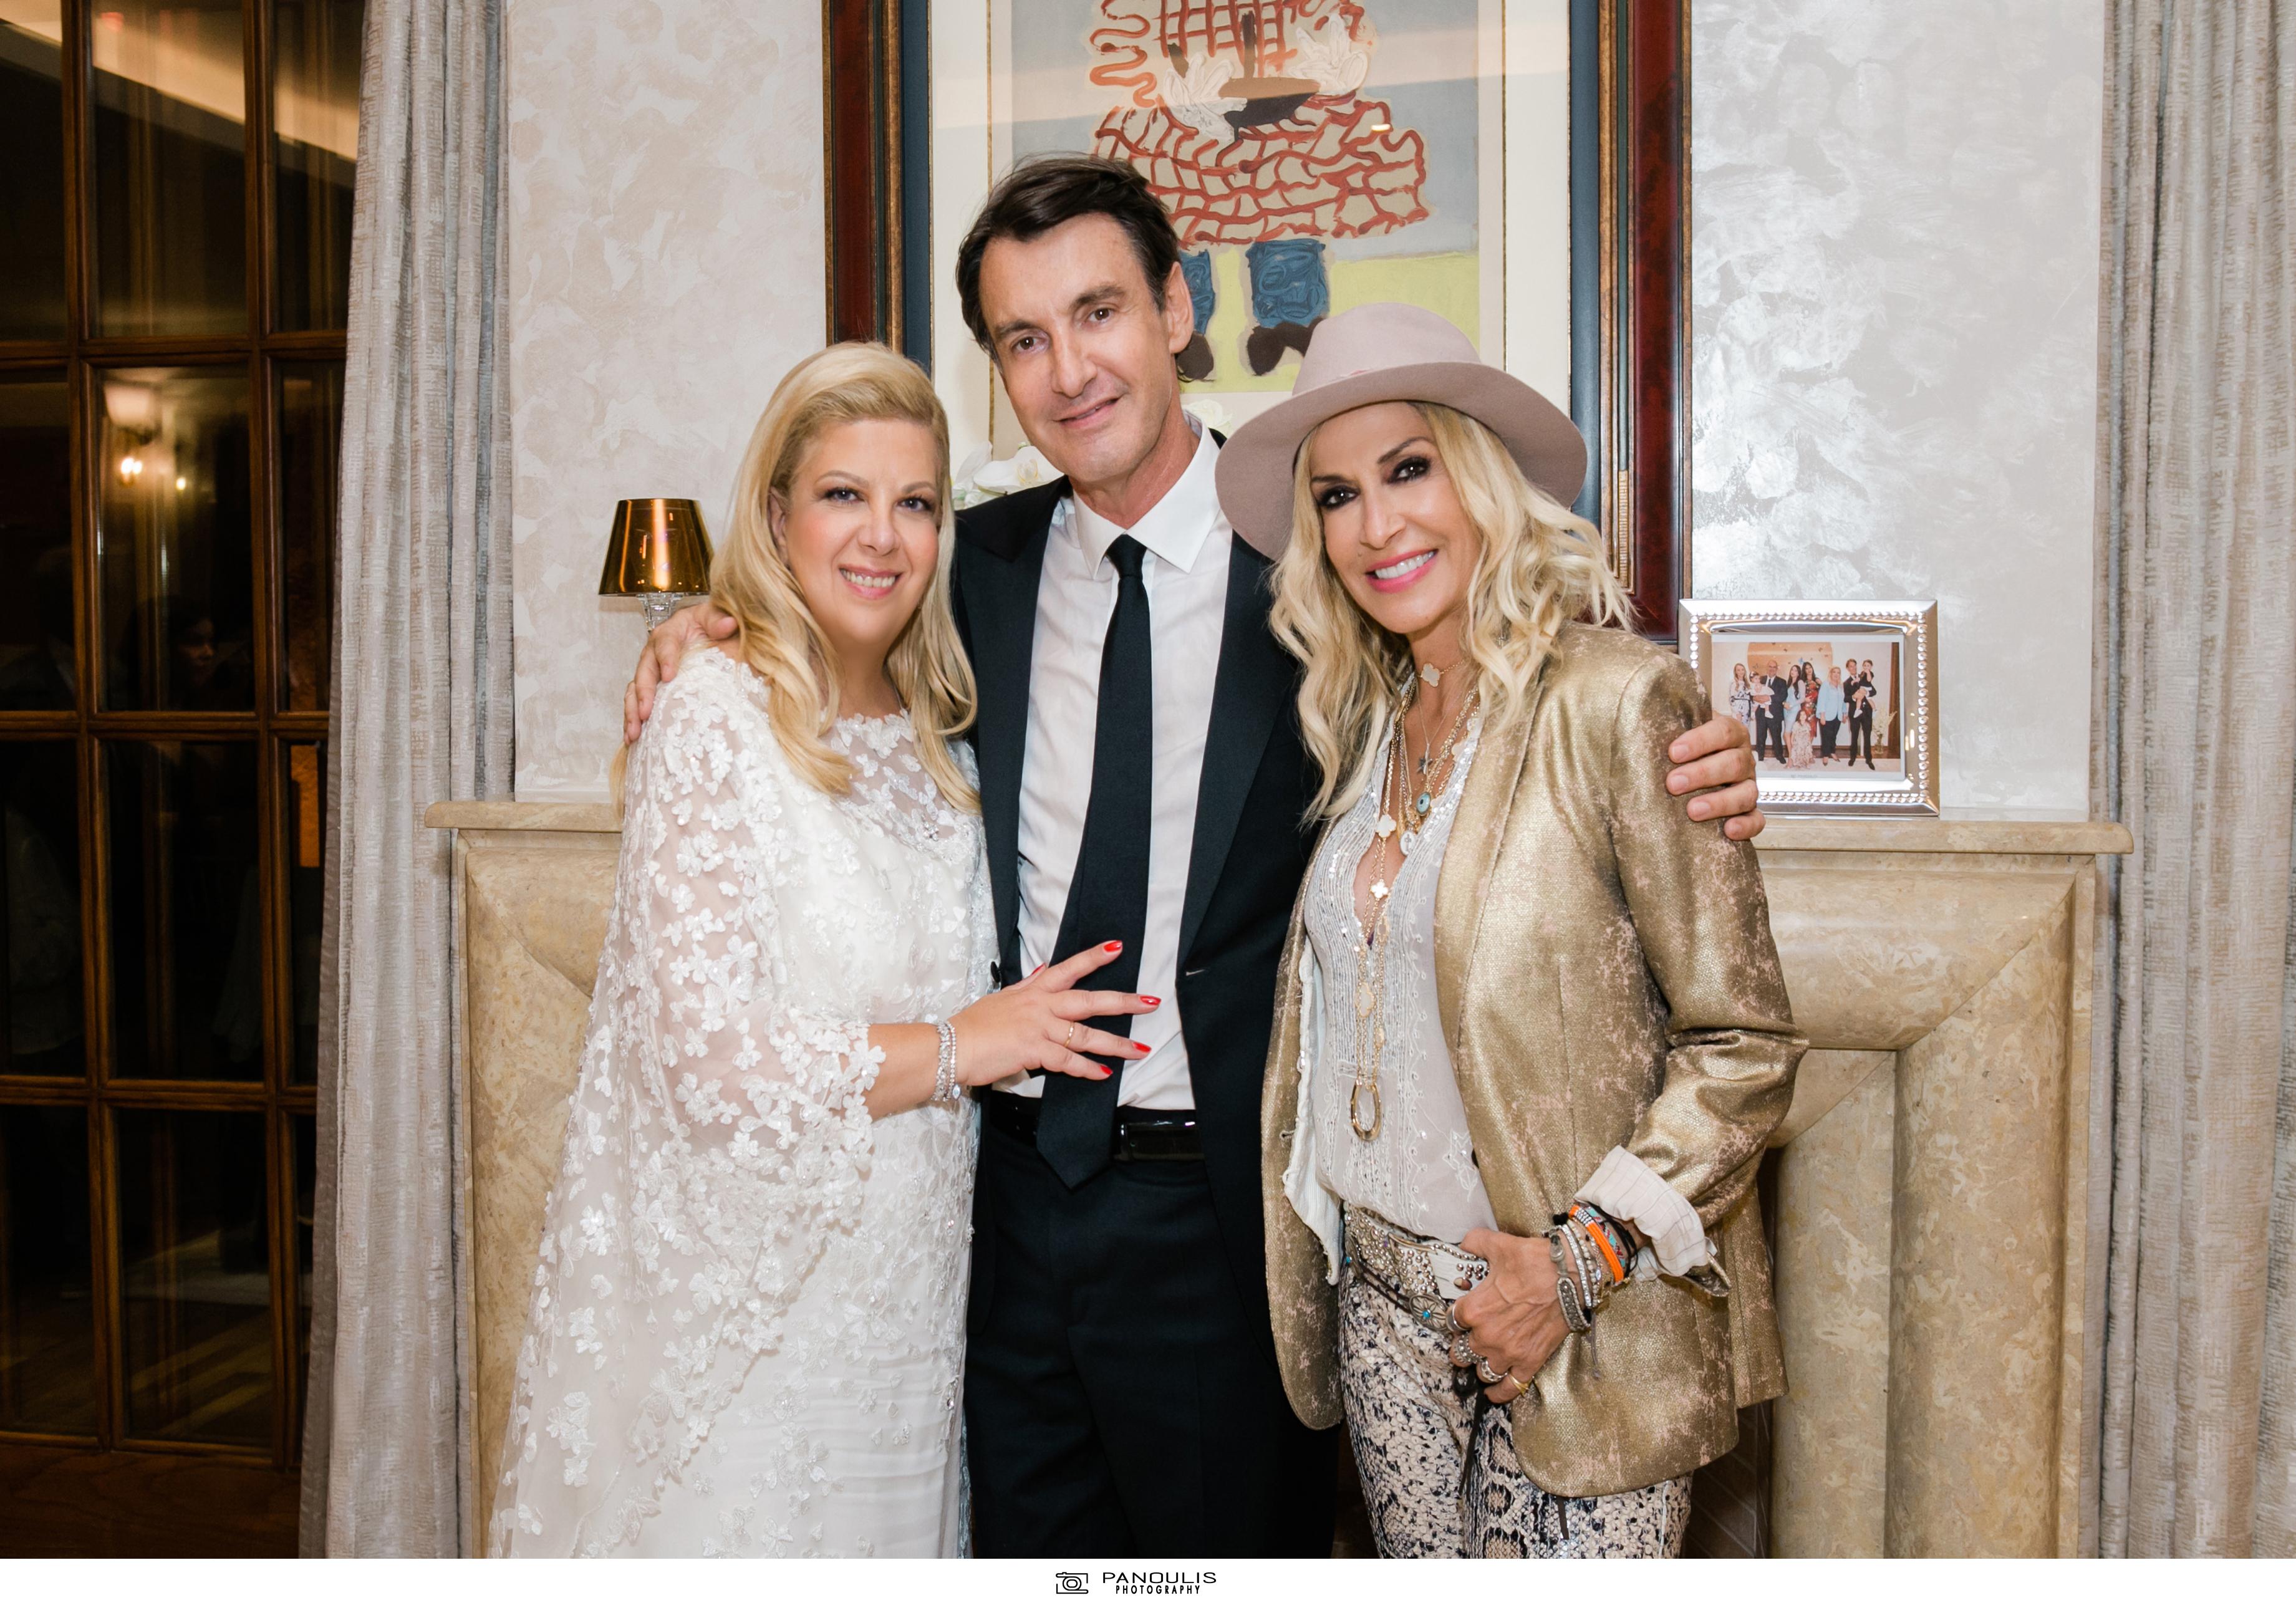 Κλέλια Χατζηιωάννου & Κωνσταντίνος Σκορίλας: Ένας υπέροχος γάμος με λαμπερούς καλεσμένους 5